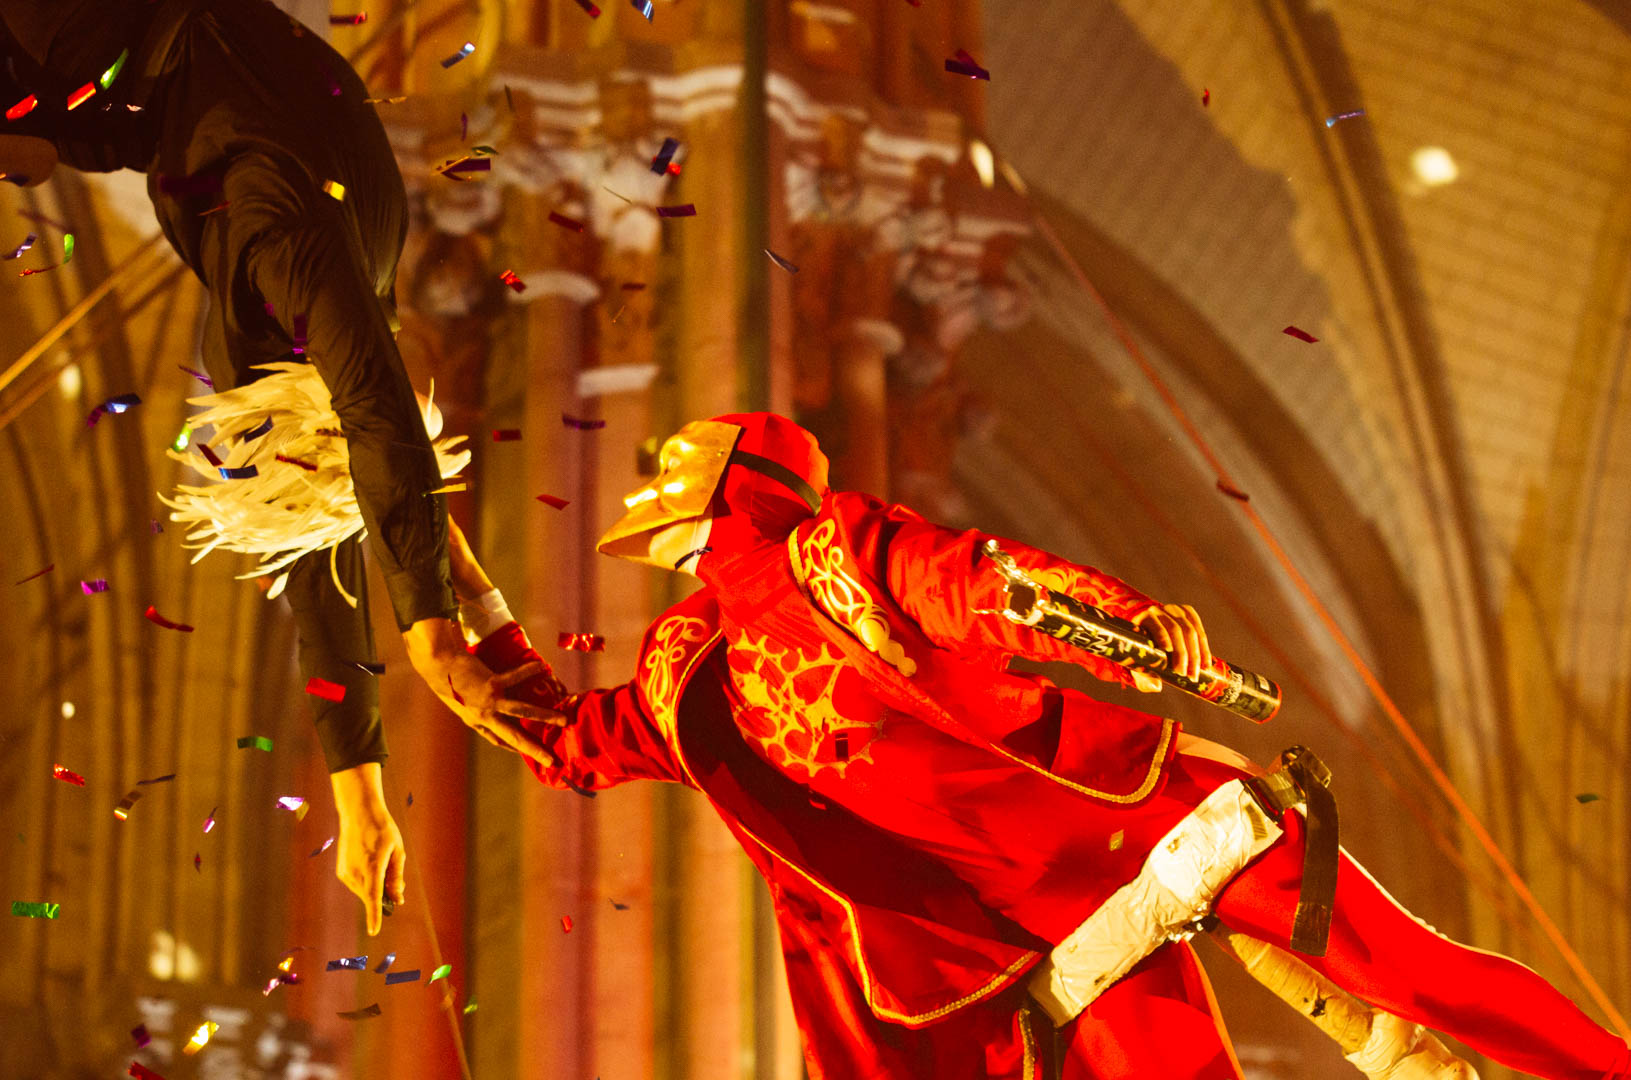 spectacle les sonneurs de noël cathédrale notre dame de la treille 233